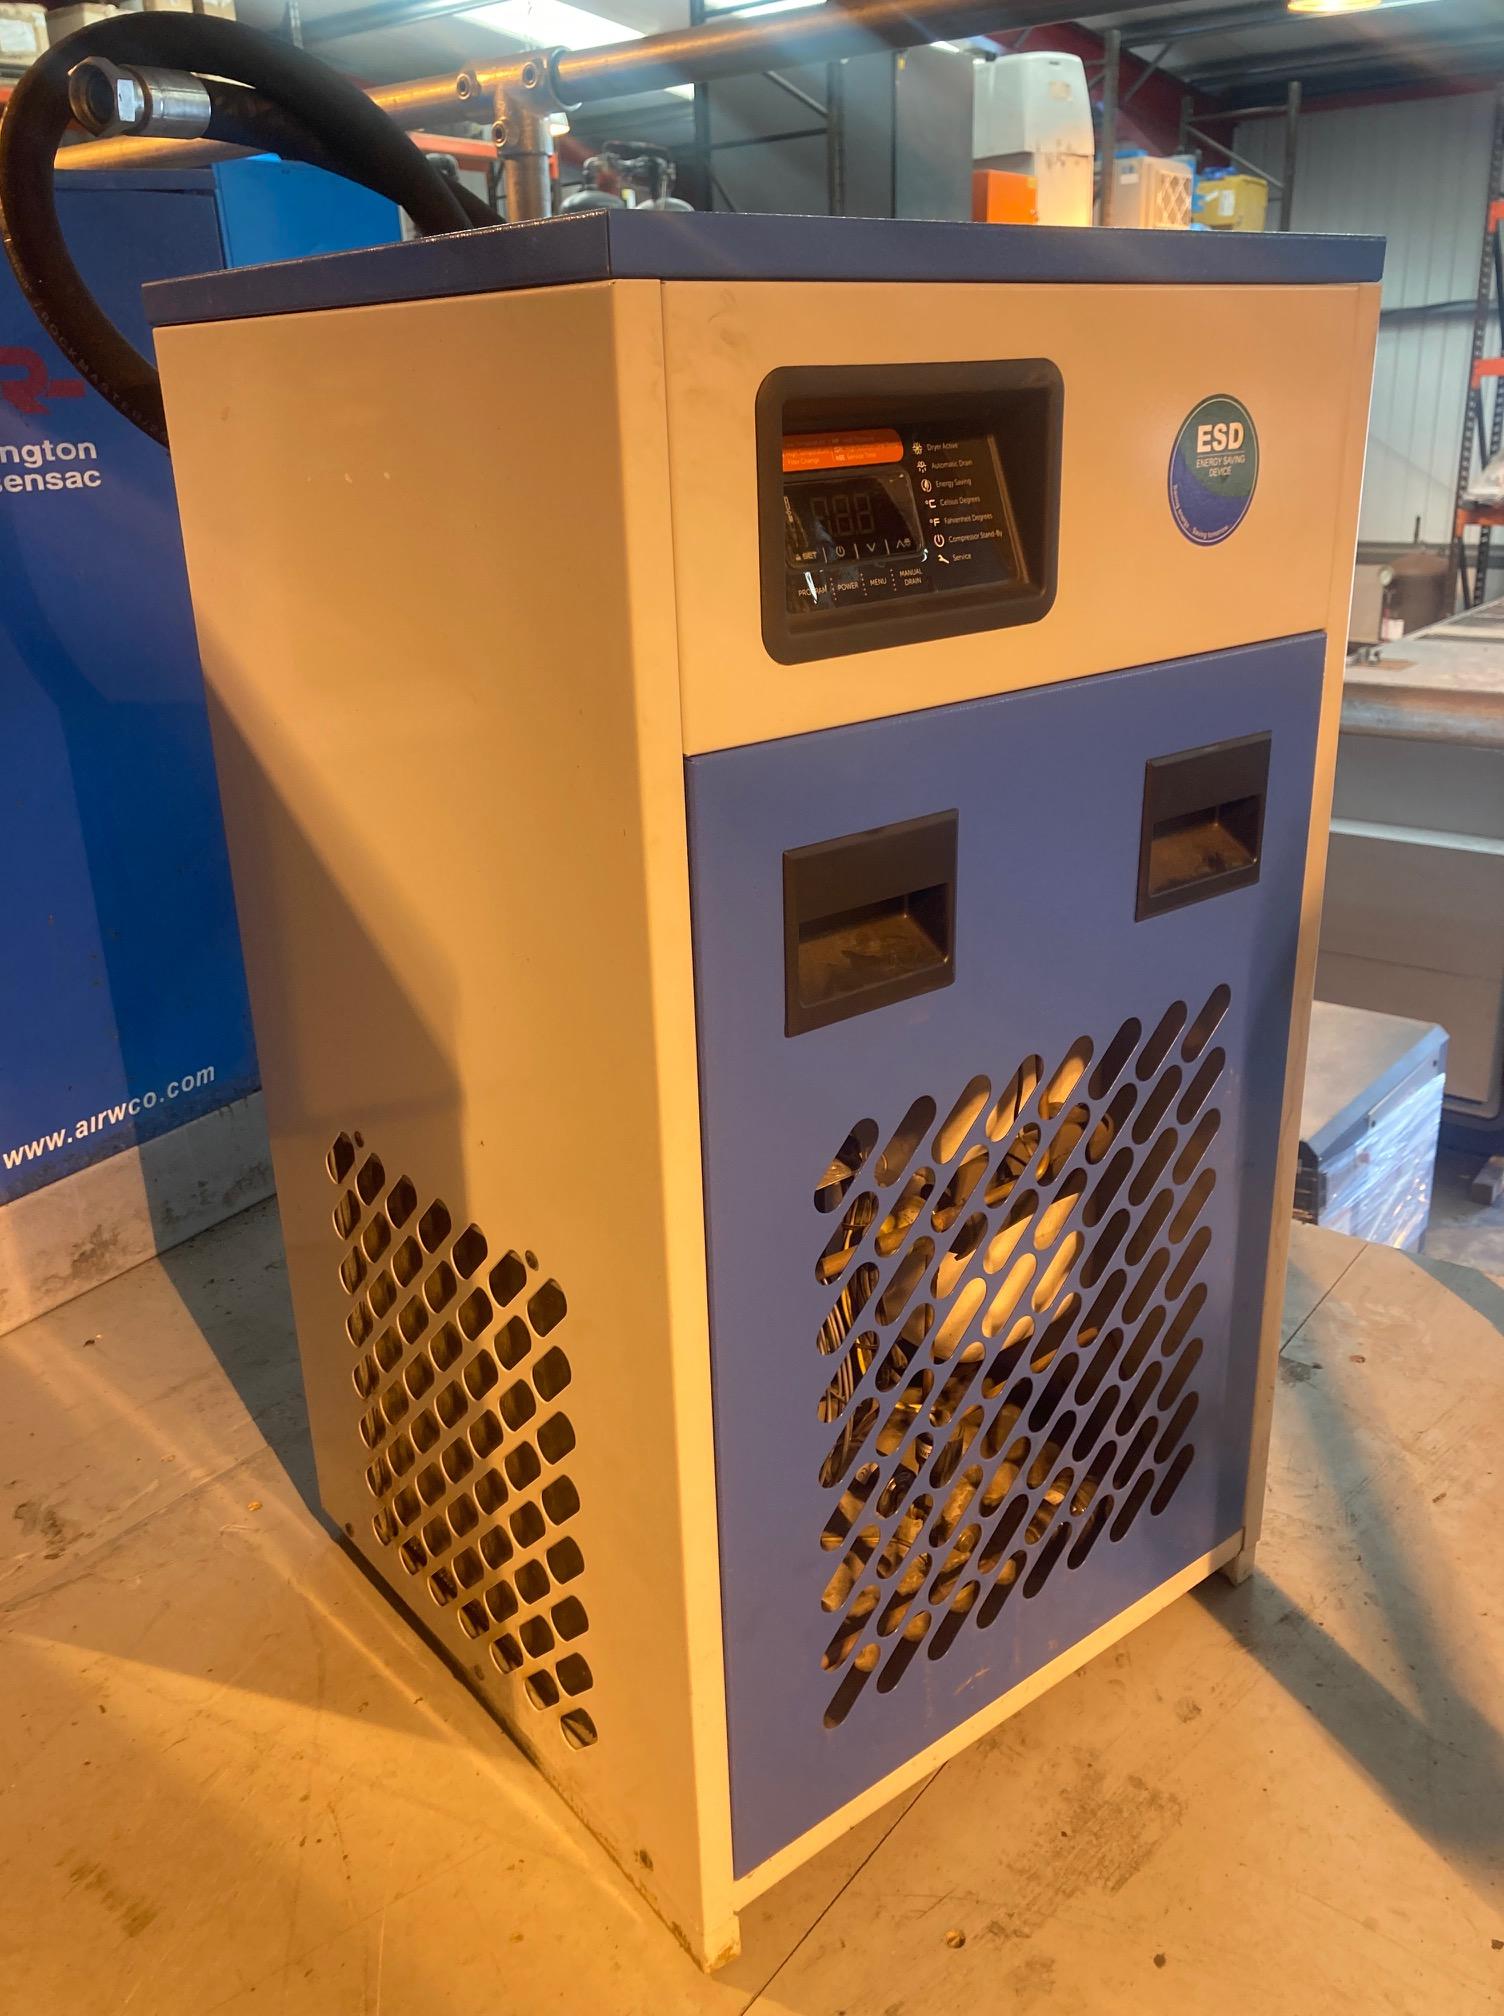 ALMIG ALM-E190 110cfm refrigerant air dryer